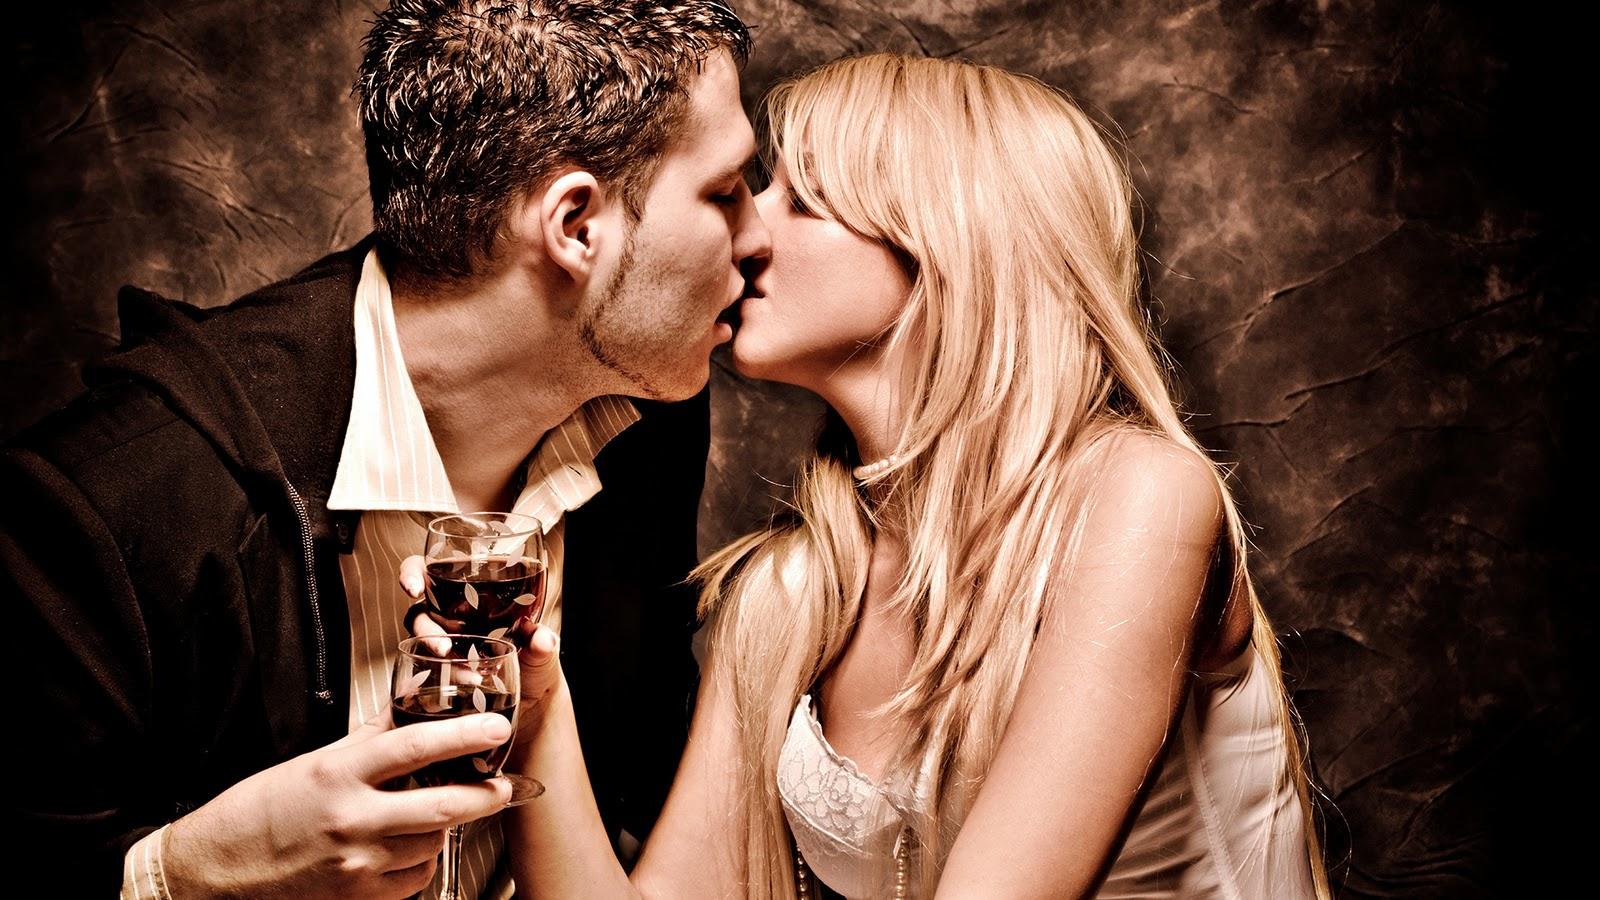 Красивые девушки целуются в засос